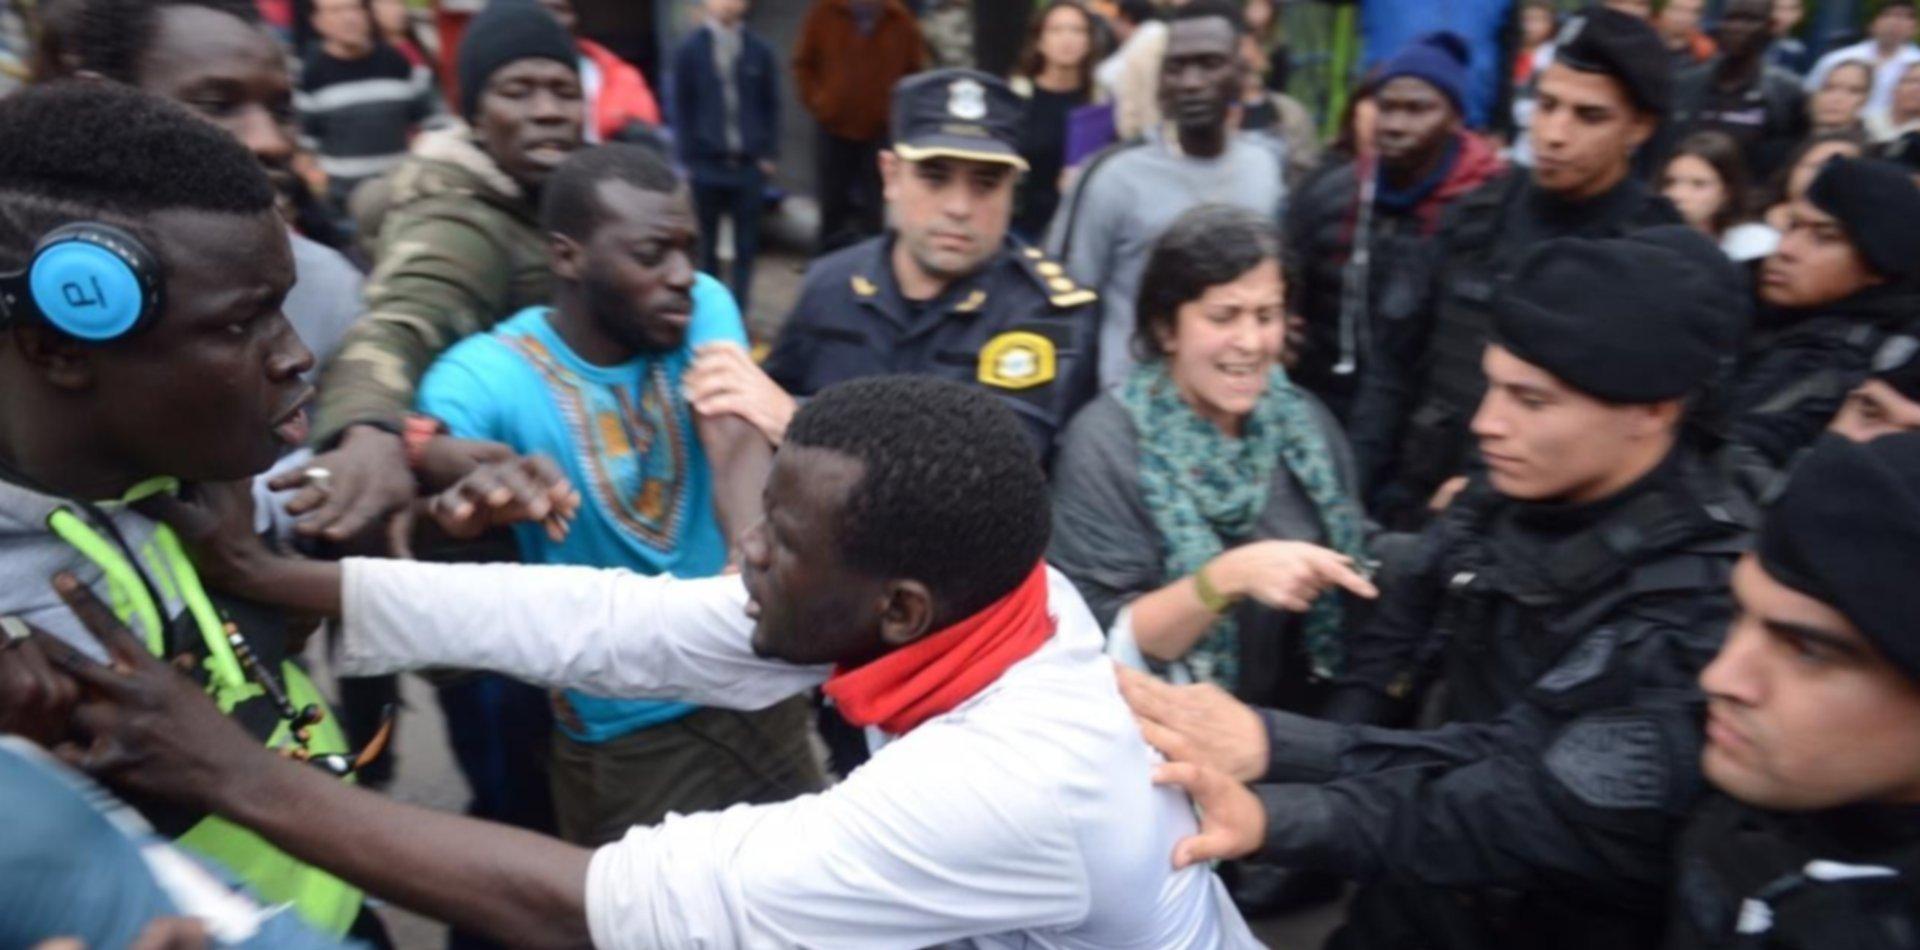 Empujones, gritos y tensión entre senegaleses y policías en pleno centro de La Plata